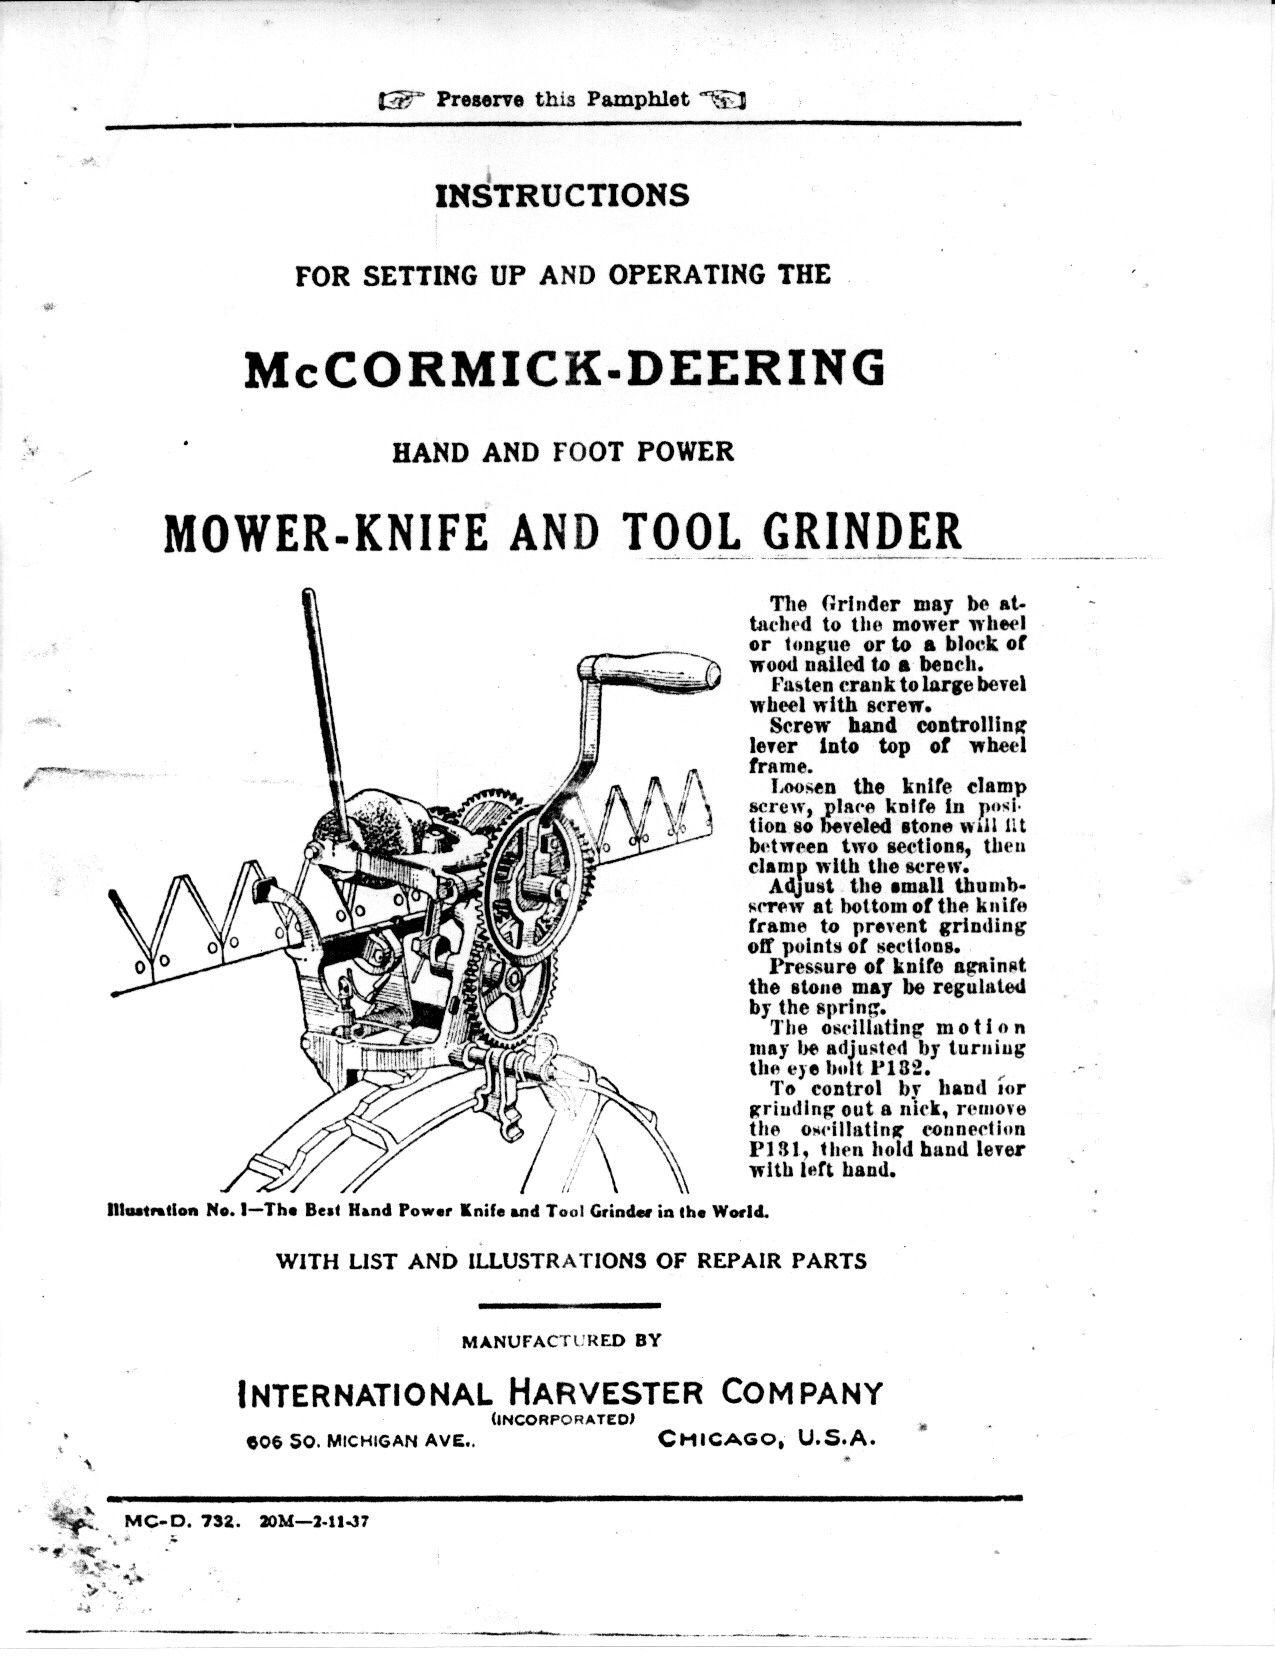 Mccormick Deering Mower Knife And Tool Grinder